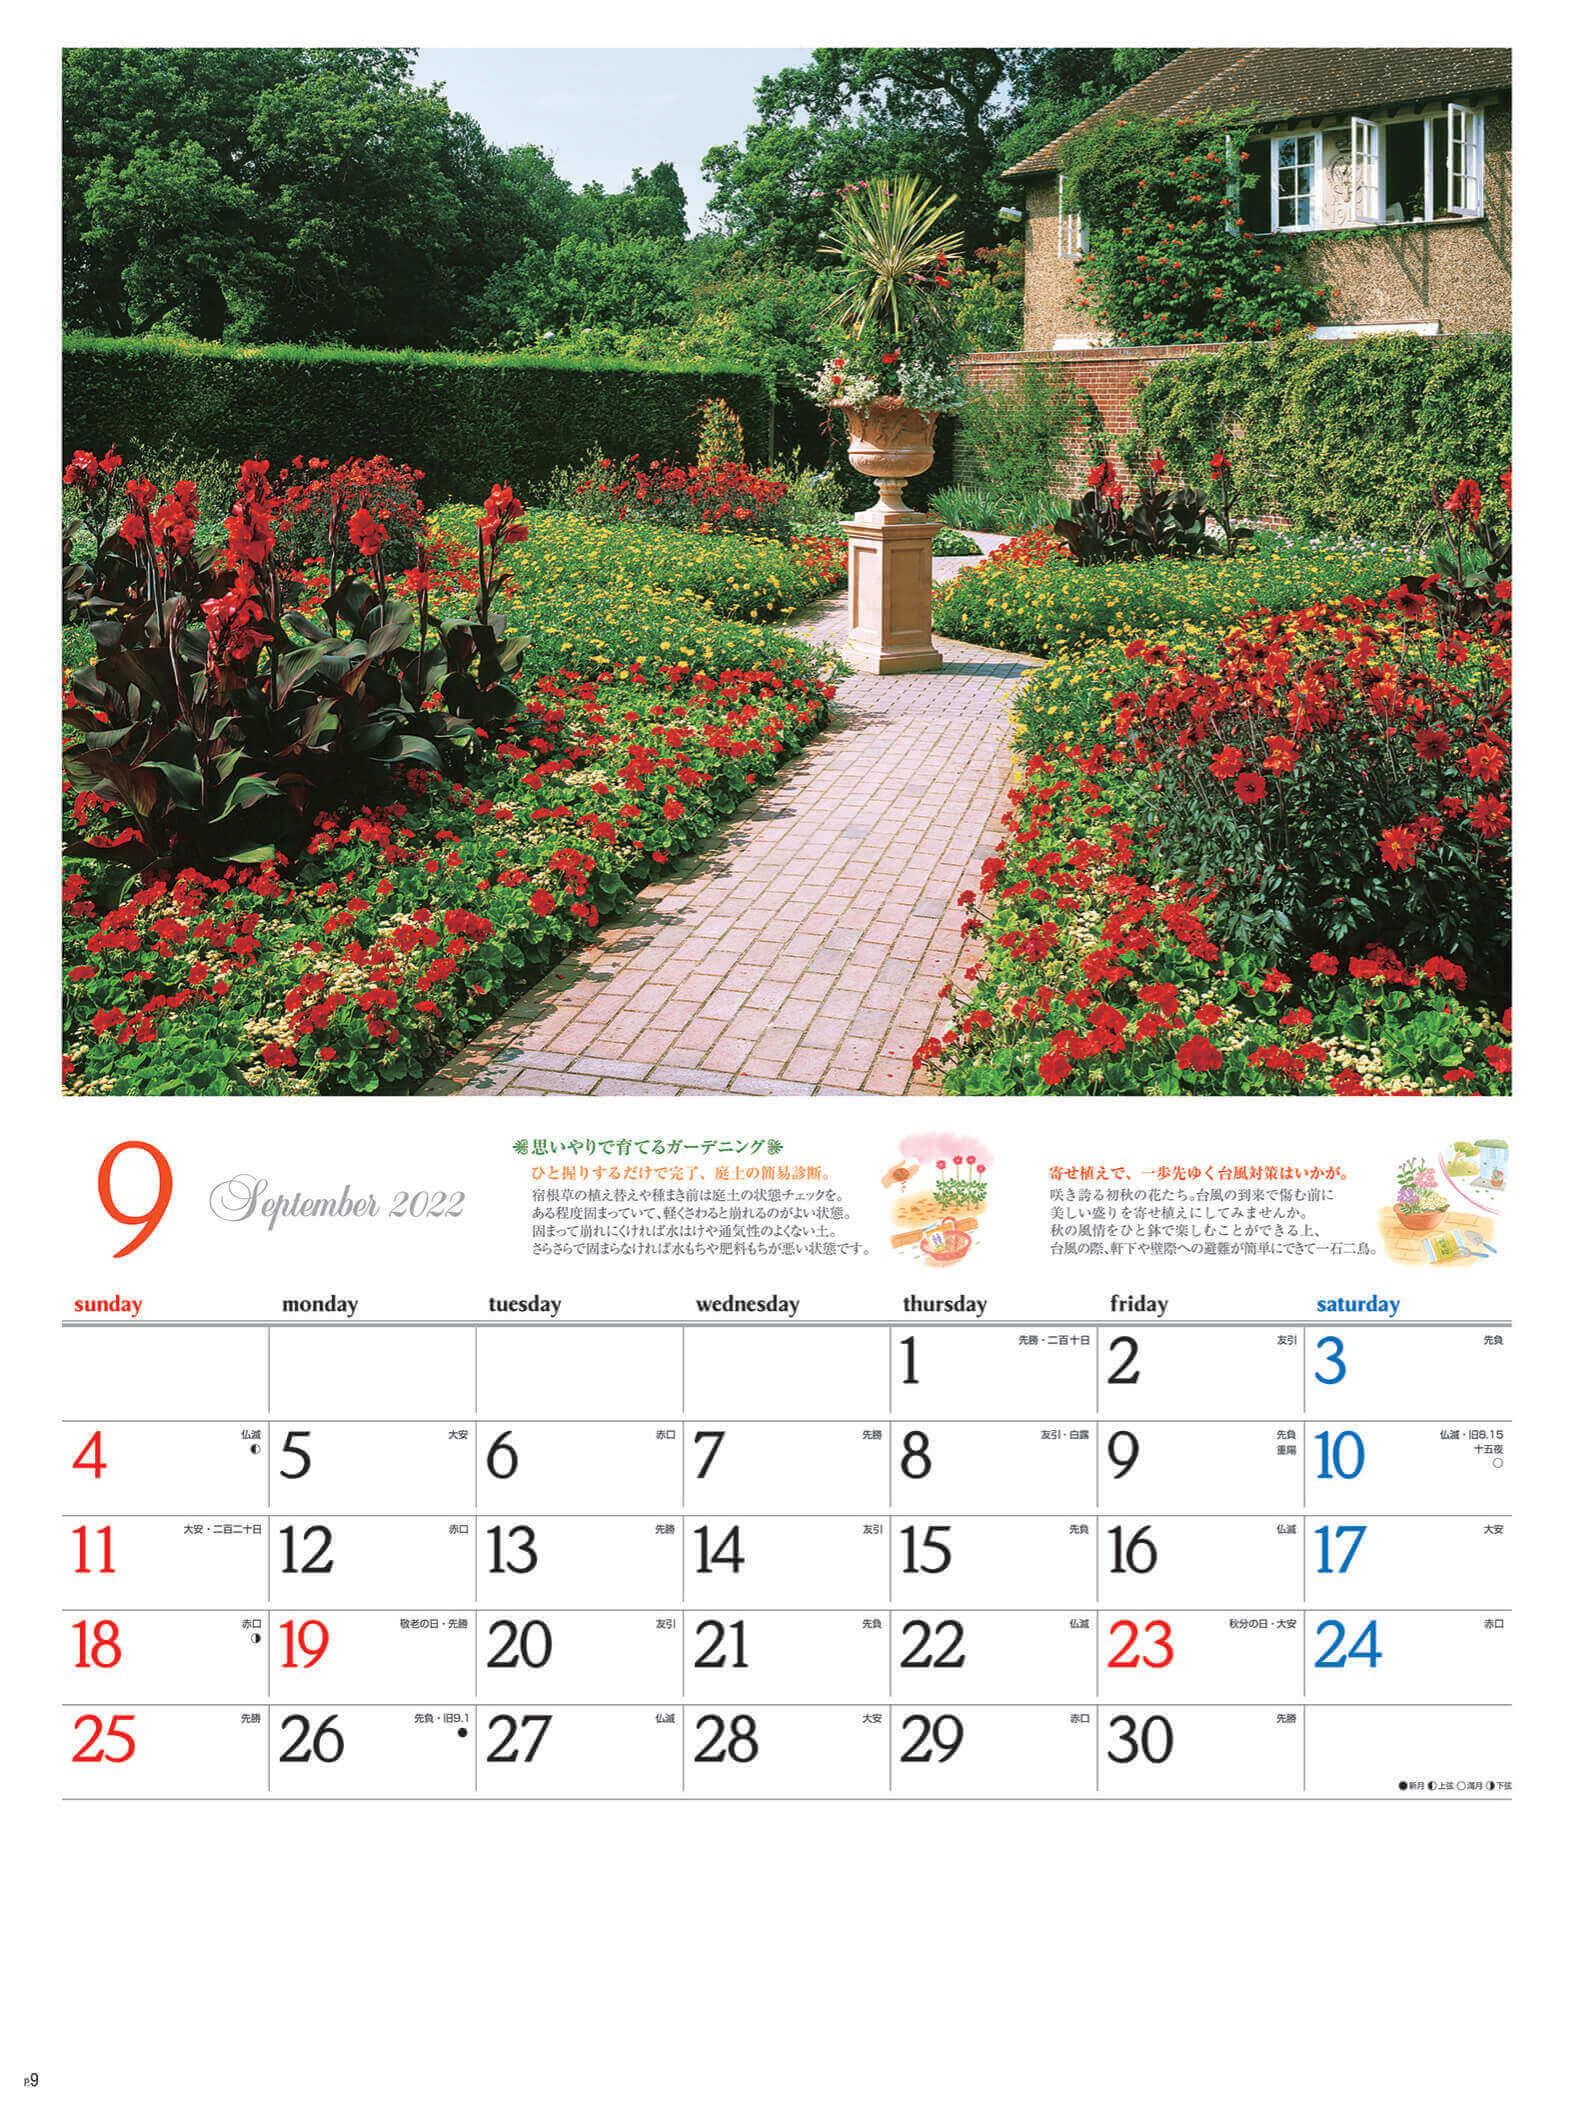 9月 ガーデニングヒント 2022年カレンダーの画像